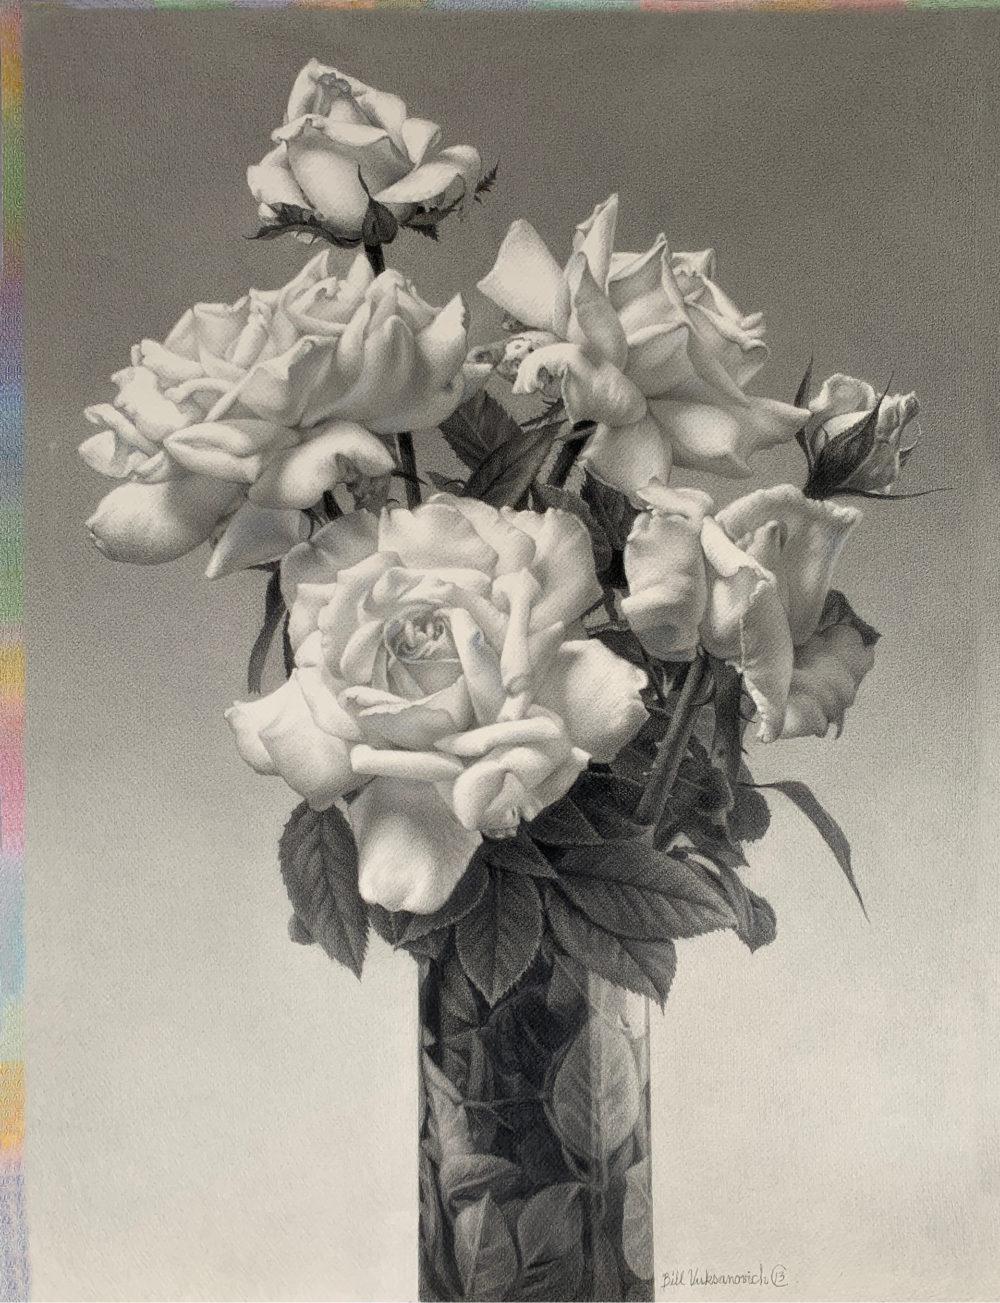 still life drawing of flowers by bill vuksanovich | Felder Gallery